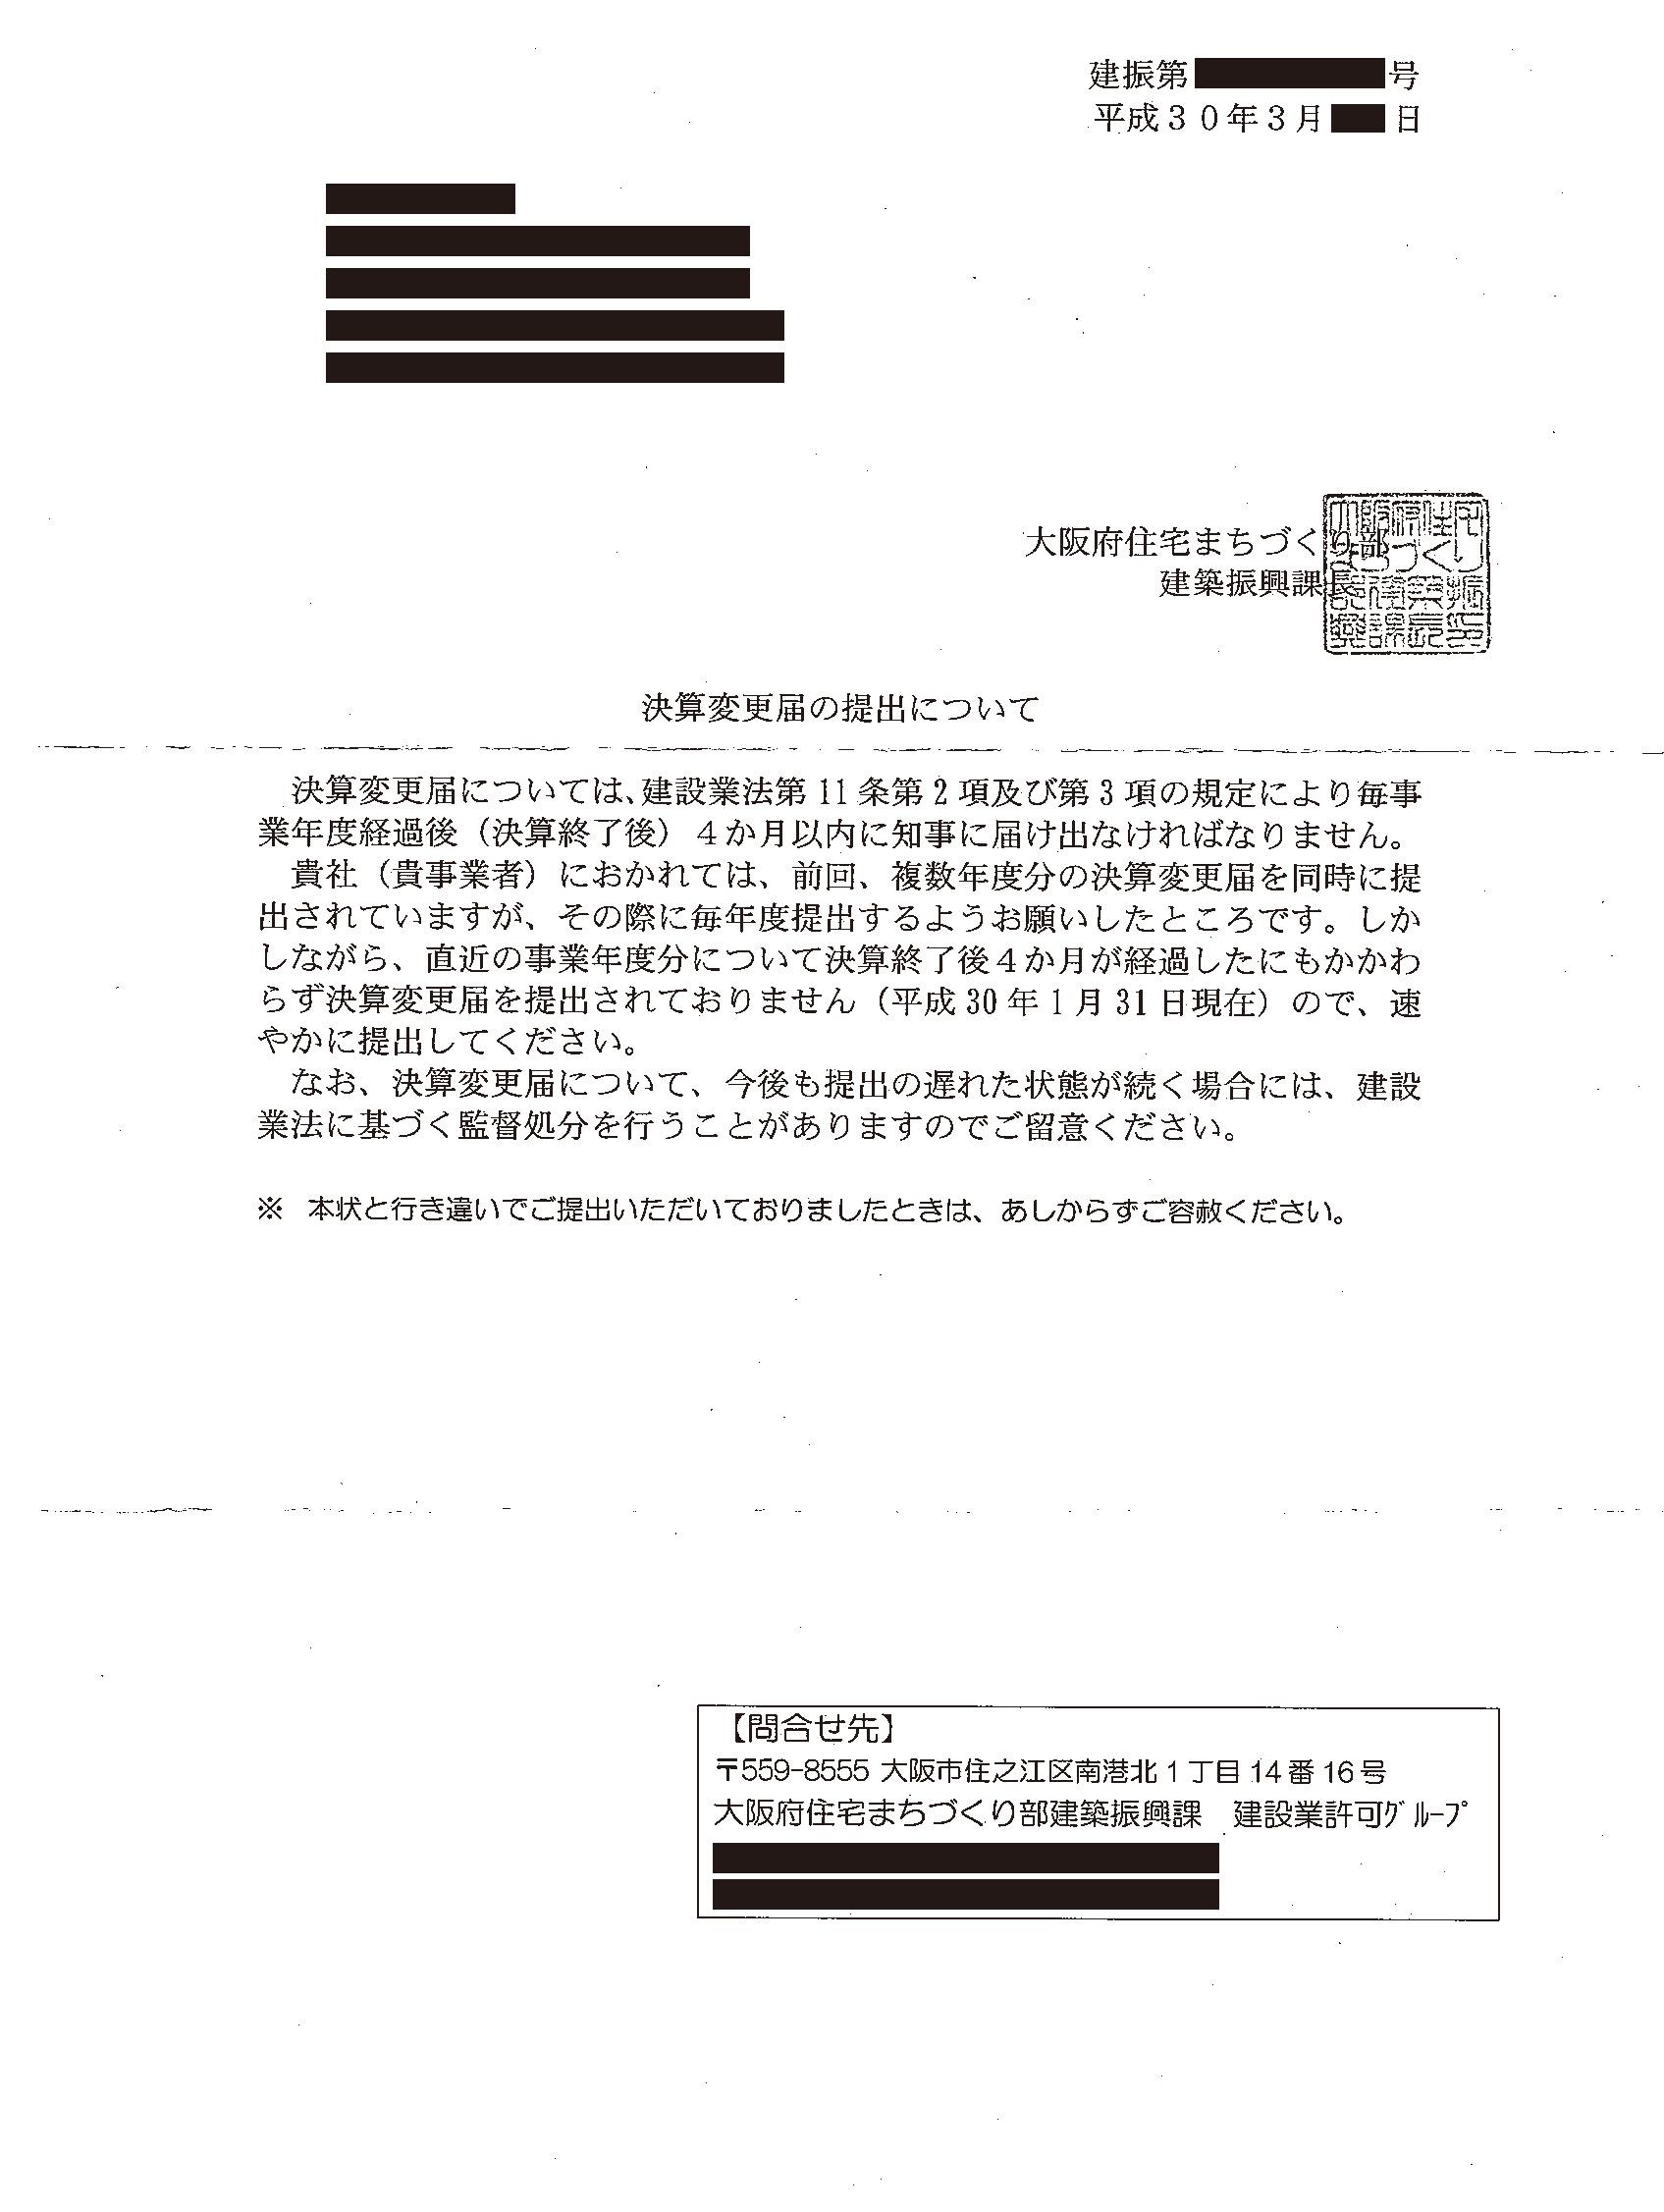 決算変更届未提出による警告・指導文書(大阪府)